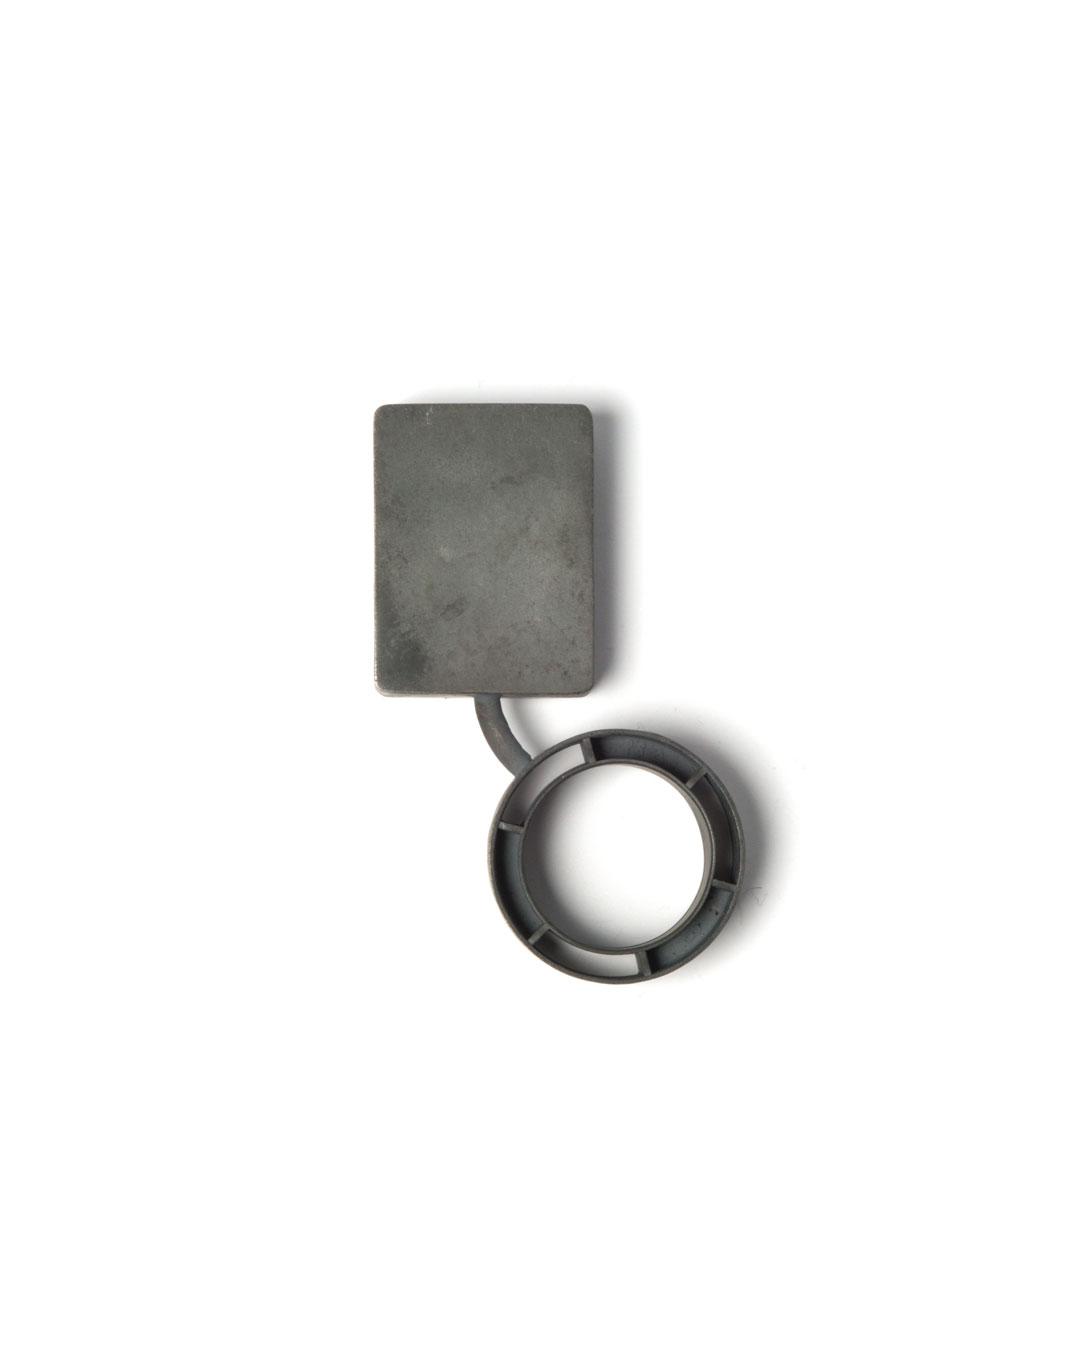 Winfried Krüger, untitled, 2010, brooch; oxidised silver, glass, 95 x 50 mm, €1940